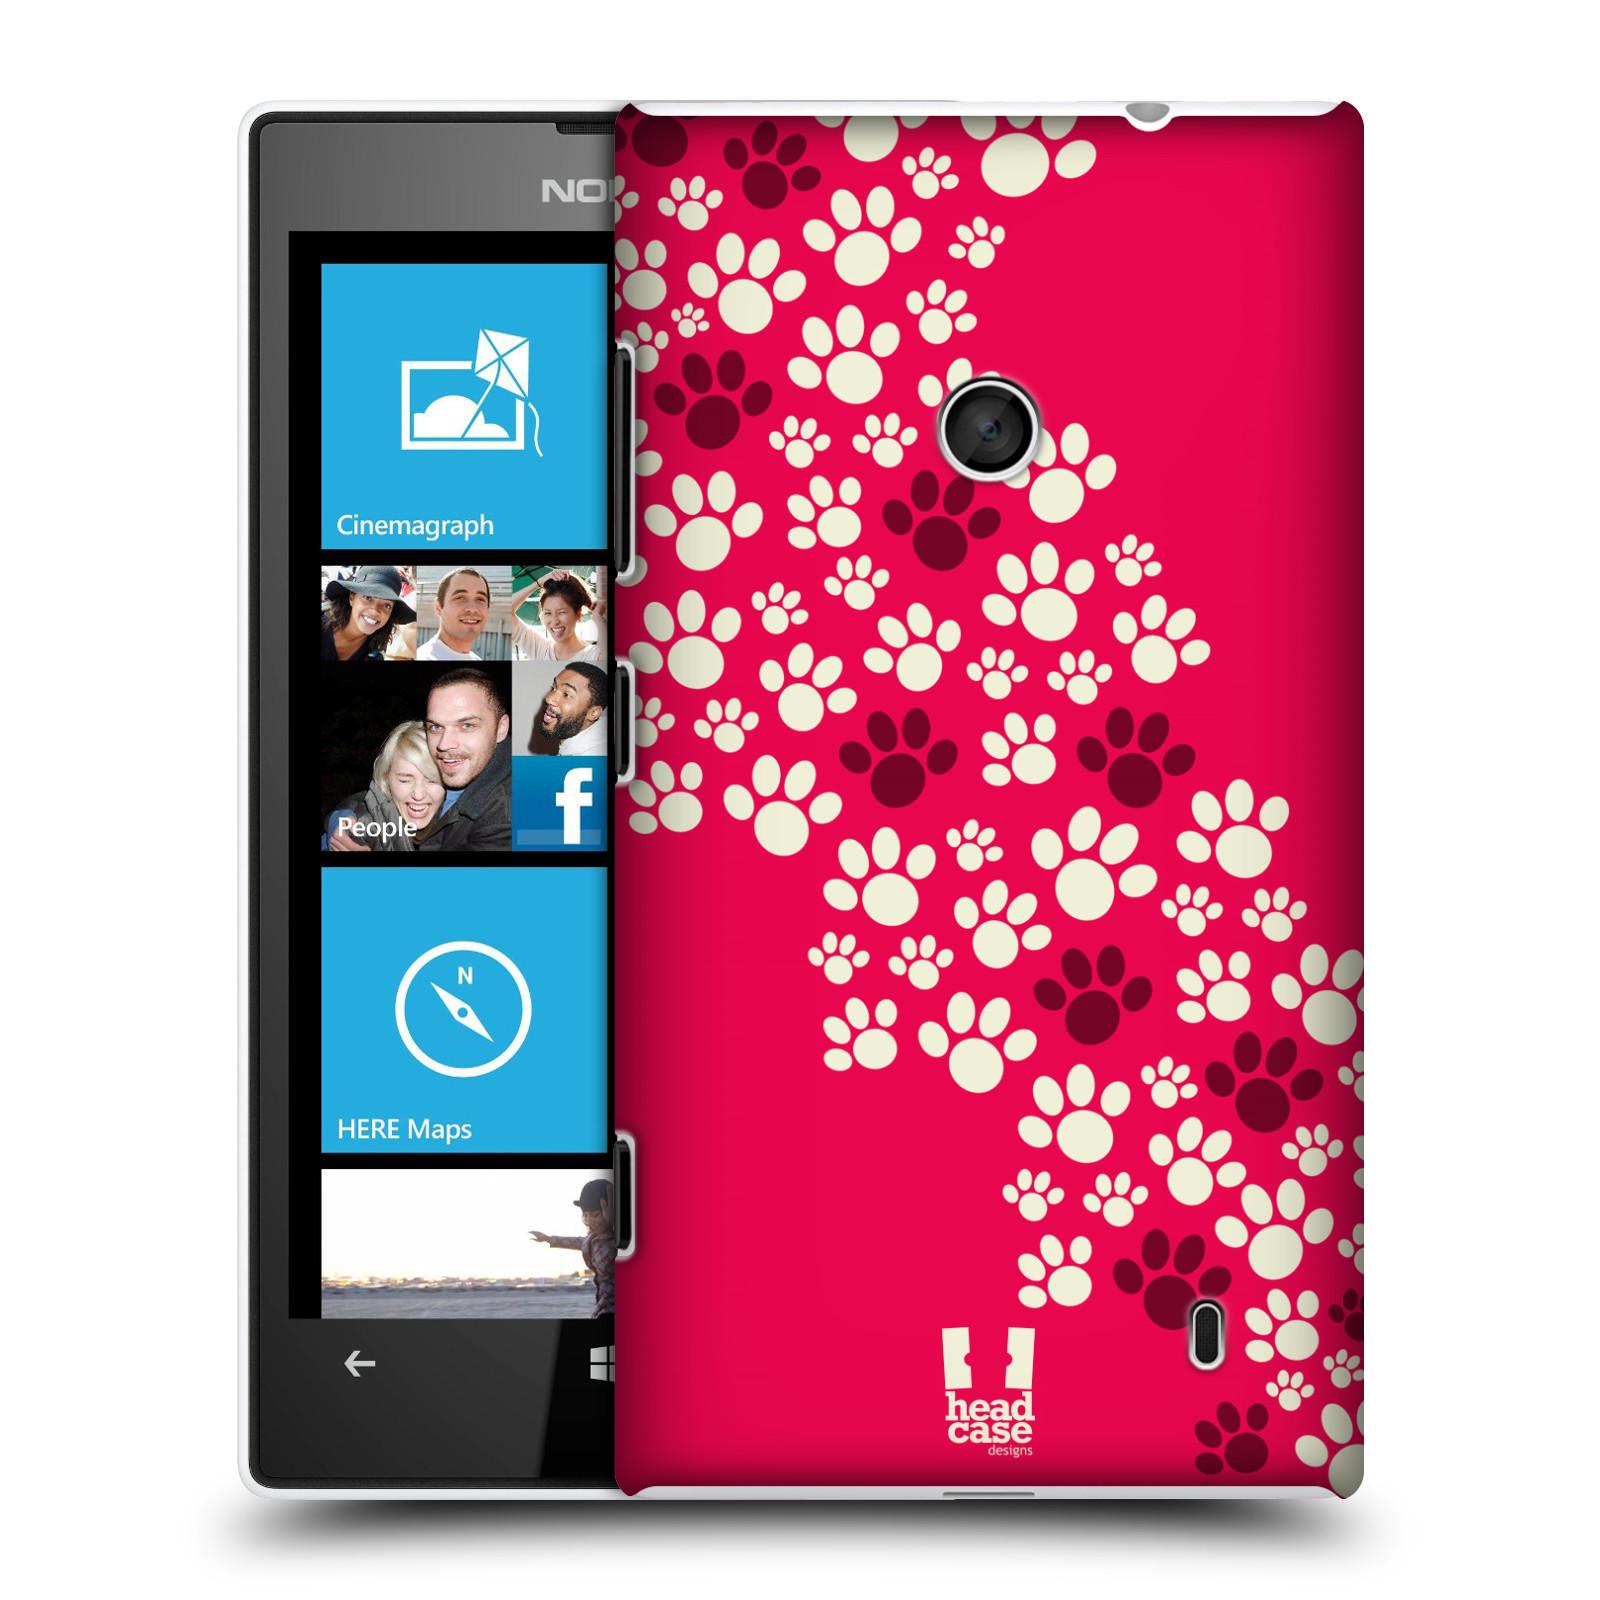 Plastové pouzdro na mobil Nokia Lumia 520 HEAD CASE TLAPKY RŮŽOVÉ (Kryt či obal na mobilní telefon Nokia Lumia 520 )